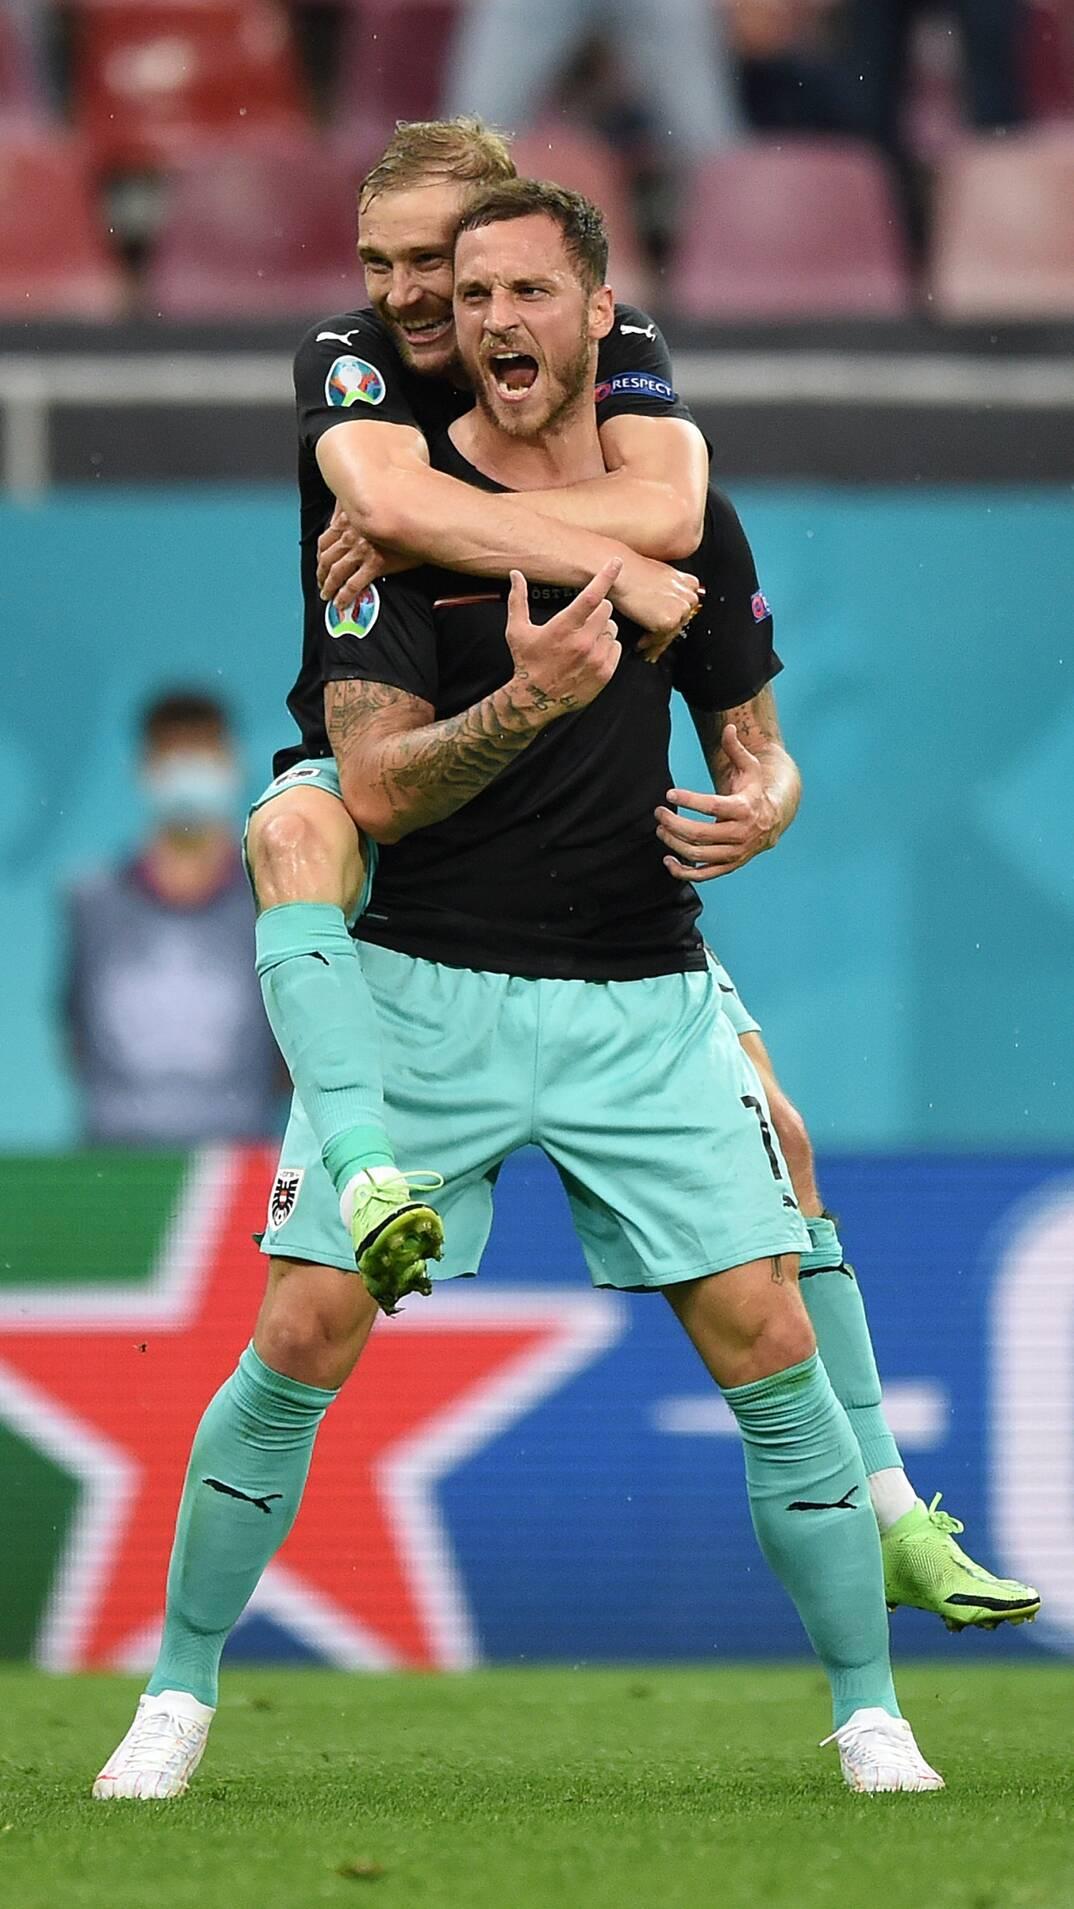 视频丨中超外援阿瑙托维奇替补登场破门 助奥地利以3-1北马其顿锁定胜局